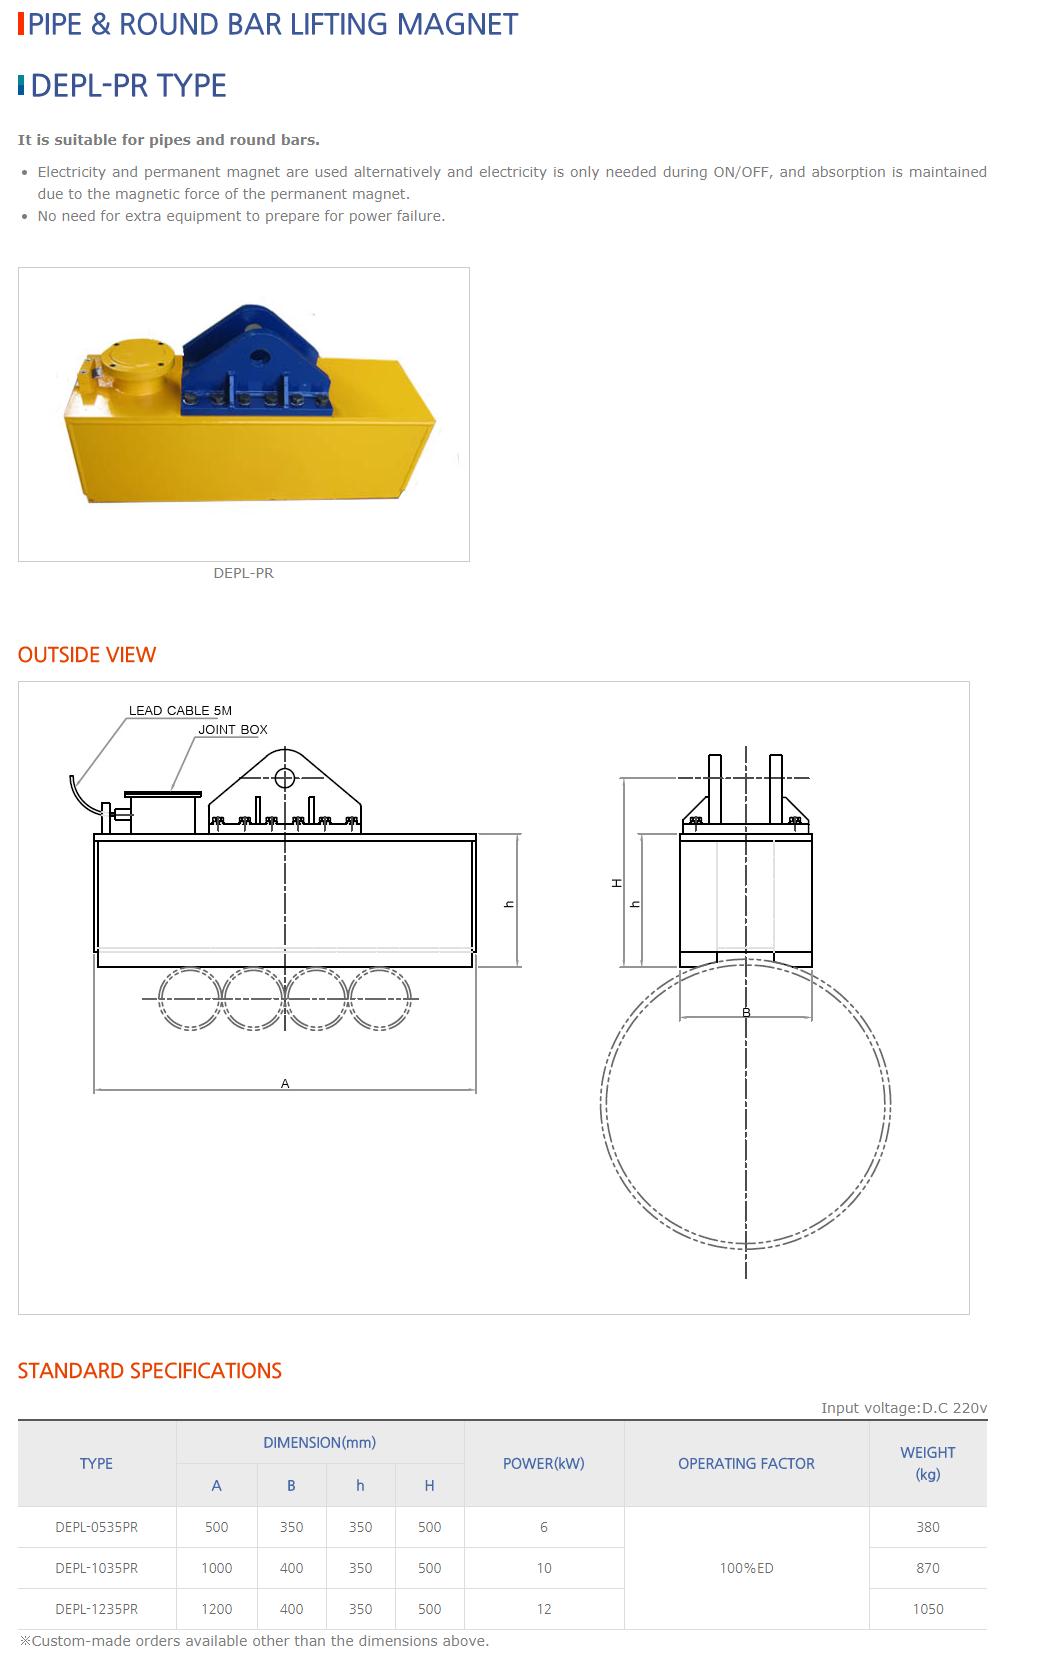 DAESUNG MARGNET Pipe & Round Bar Lifting Magnet DEPL-PR Type